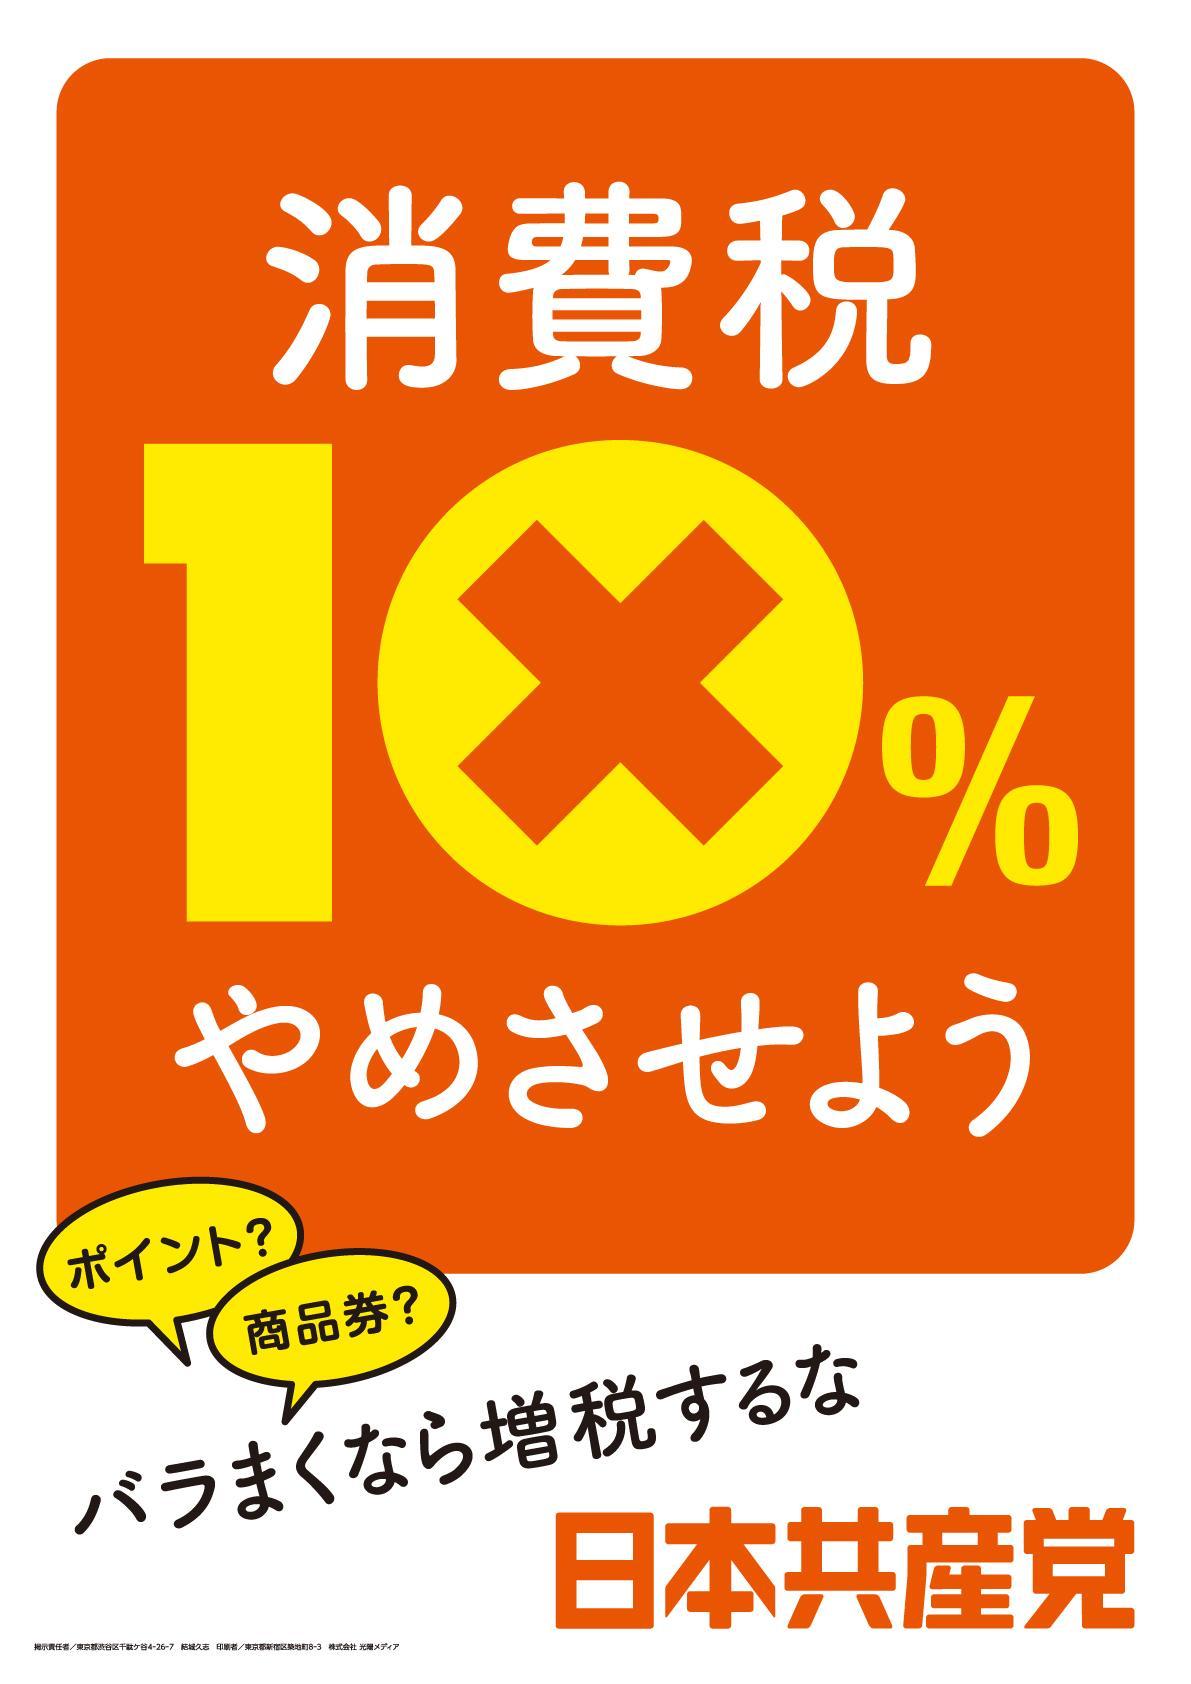 消費税10%やめさせよう